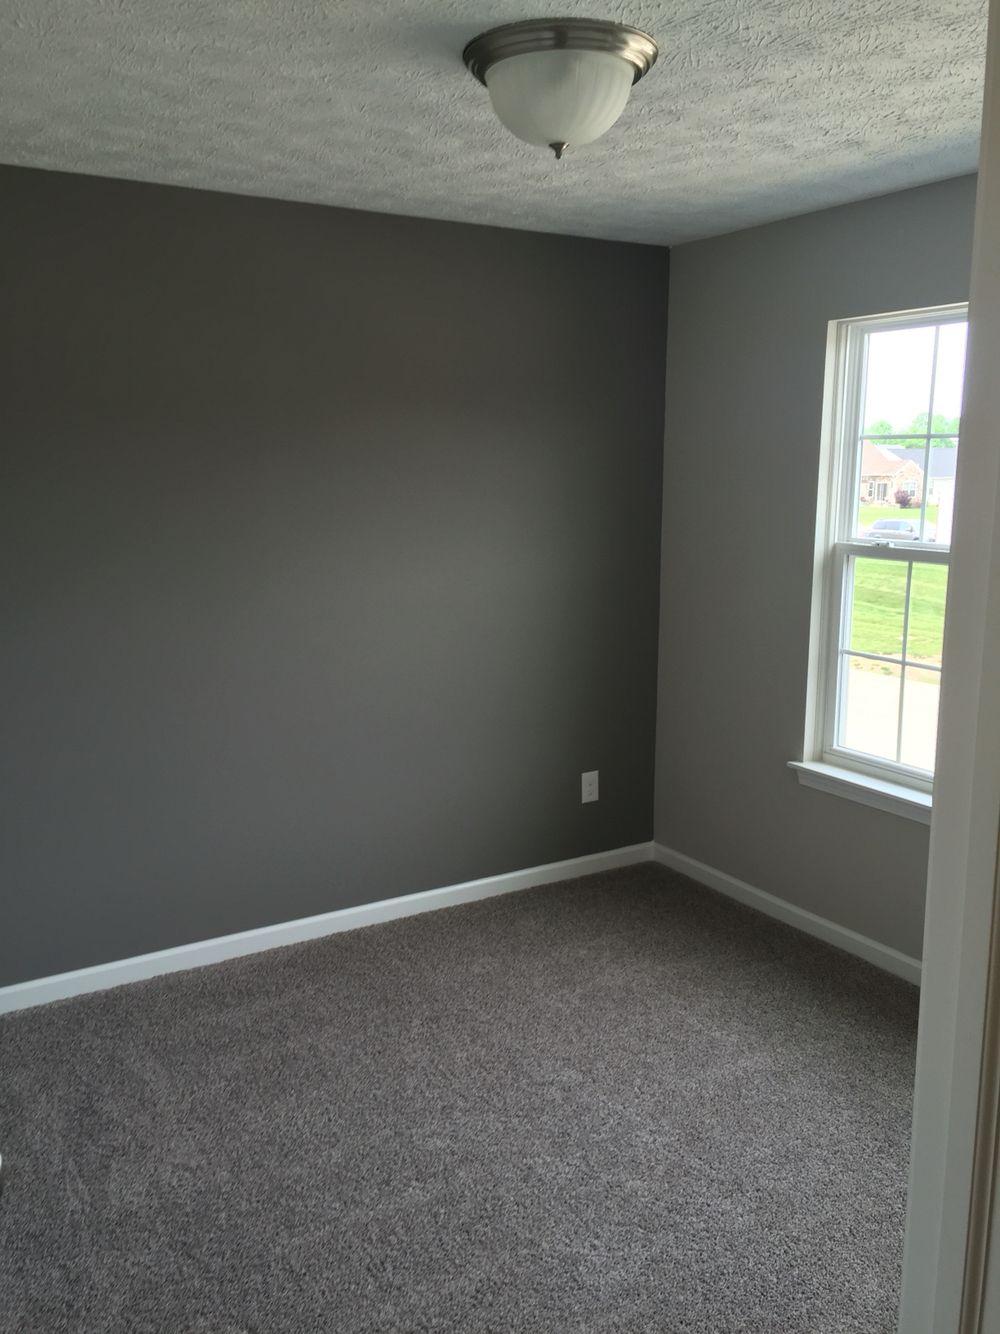 3 Bedroom Carpet Cost